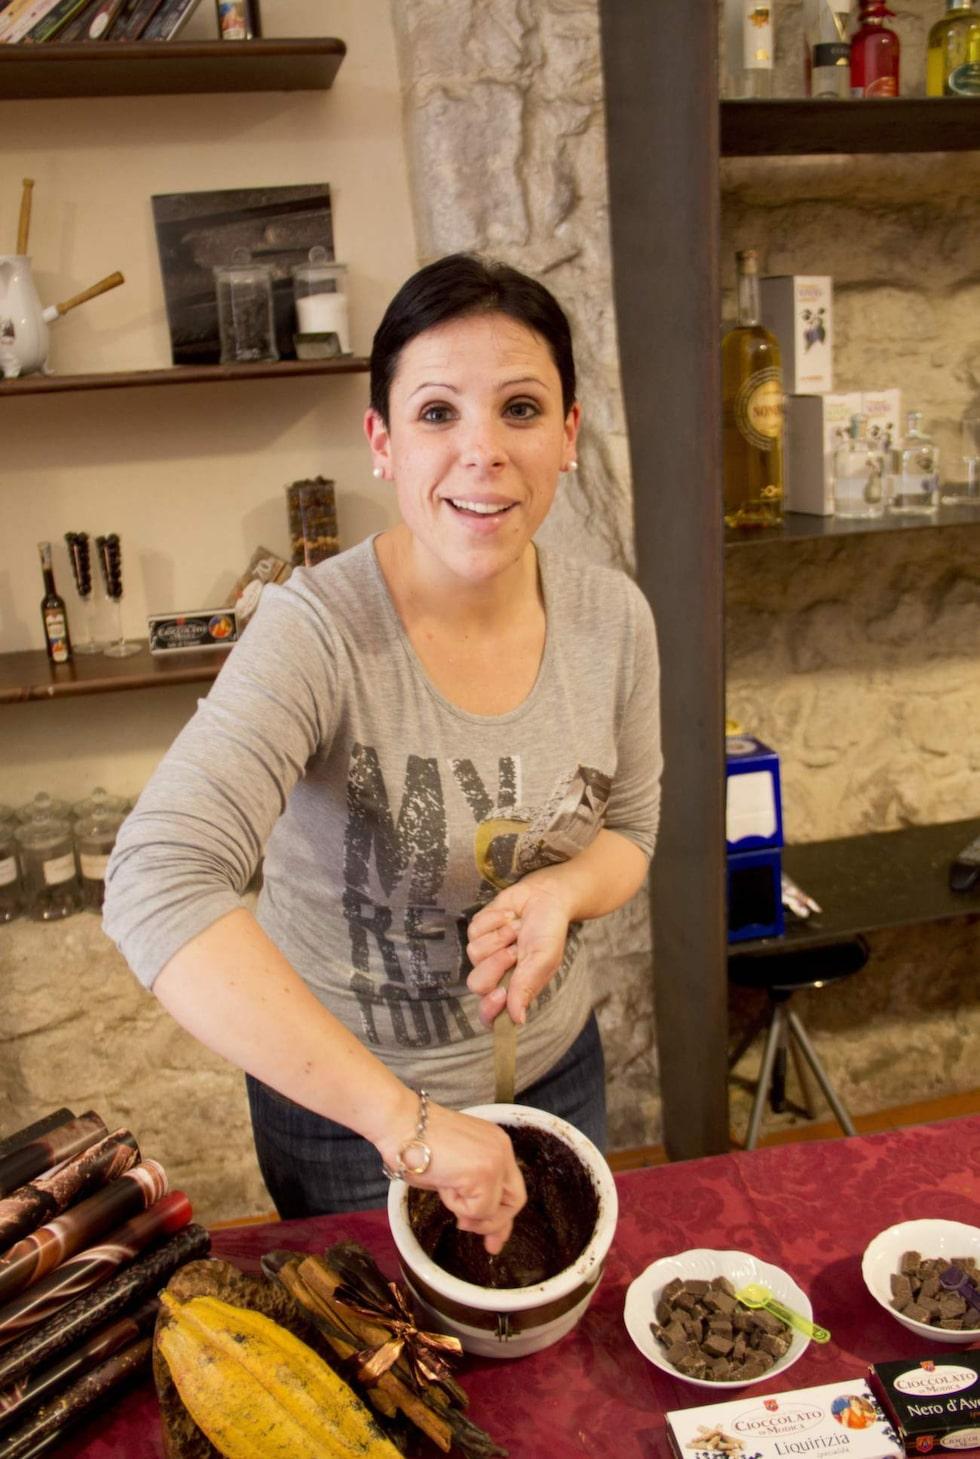 Chokladtillverkning. Laura Garraga tillverkar choklad i butiken Antica Dolceria Rizza, i staden Modica.